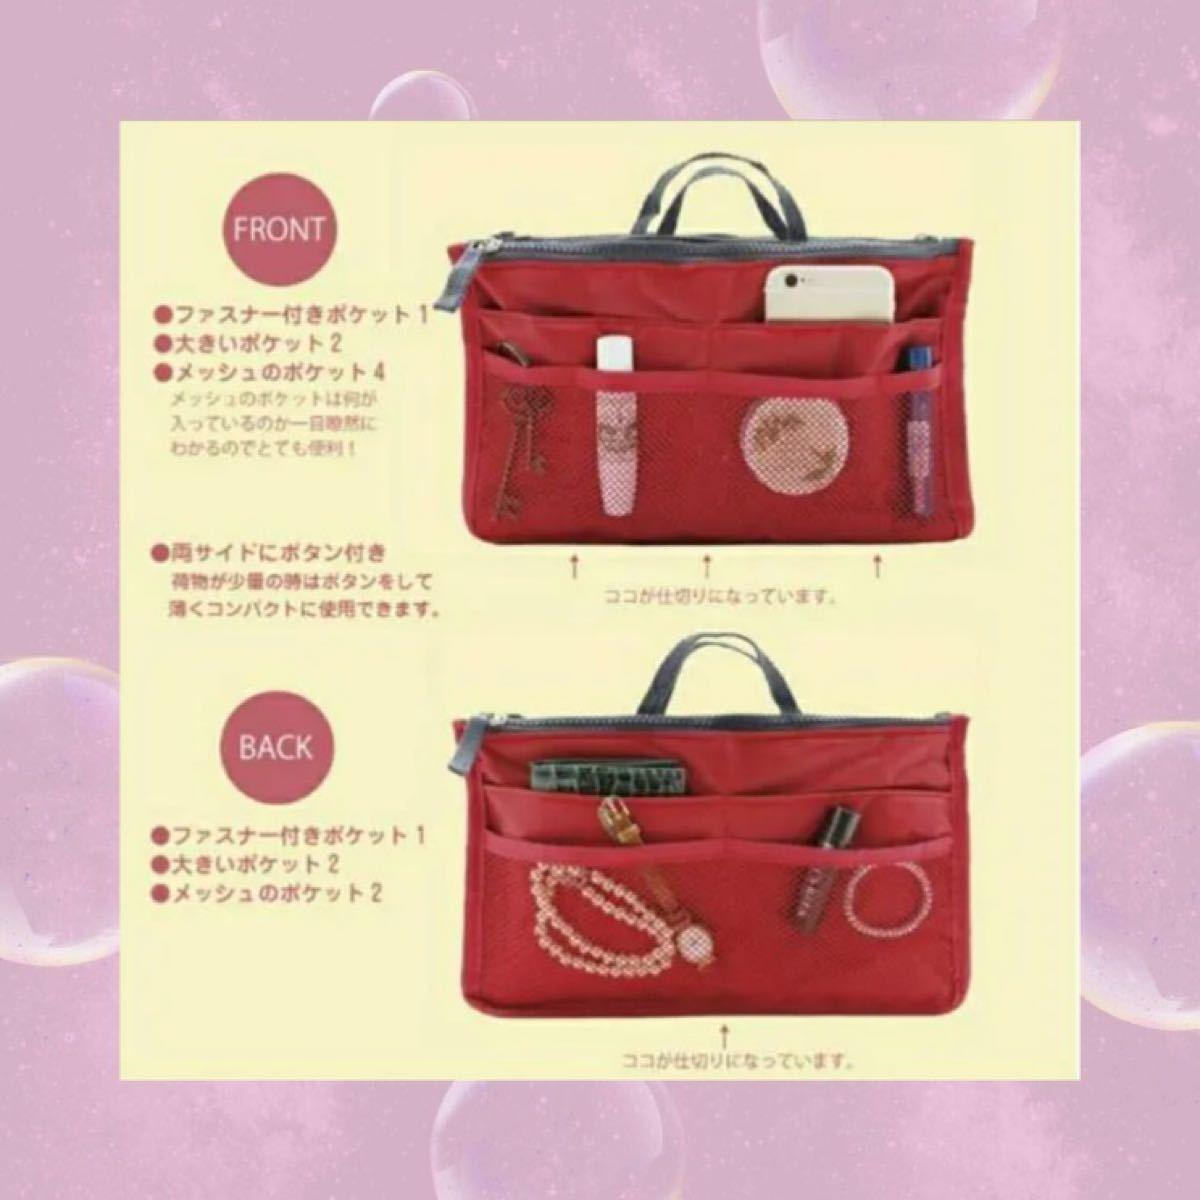 バッグインバッグ 化粧ポーチ 小物収納 インナーバッグ 収納バッグ 定番 ピンク